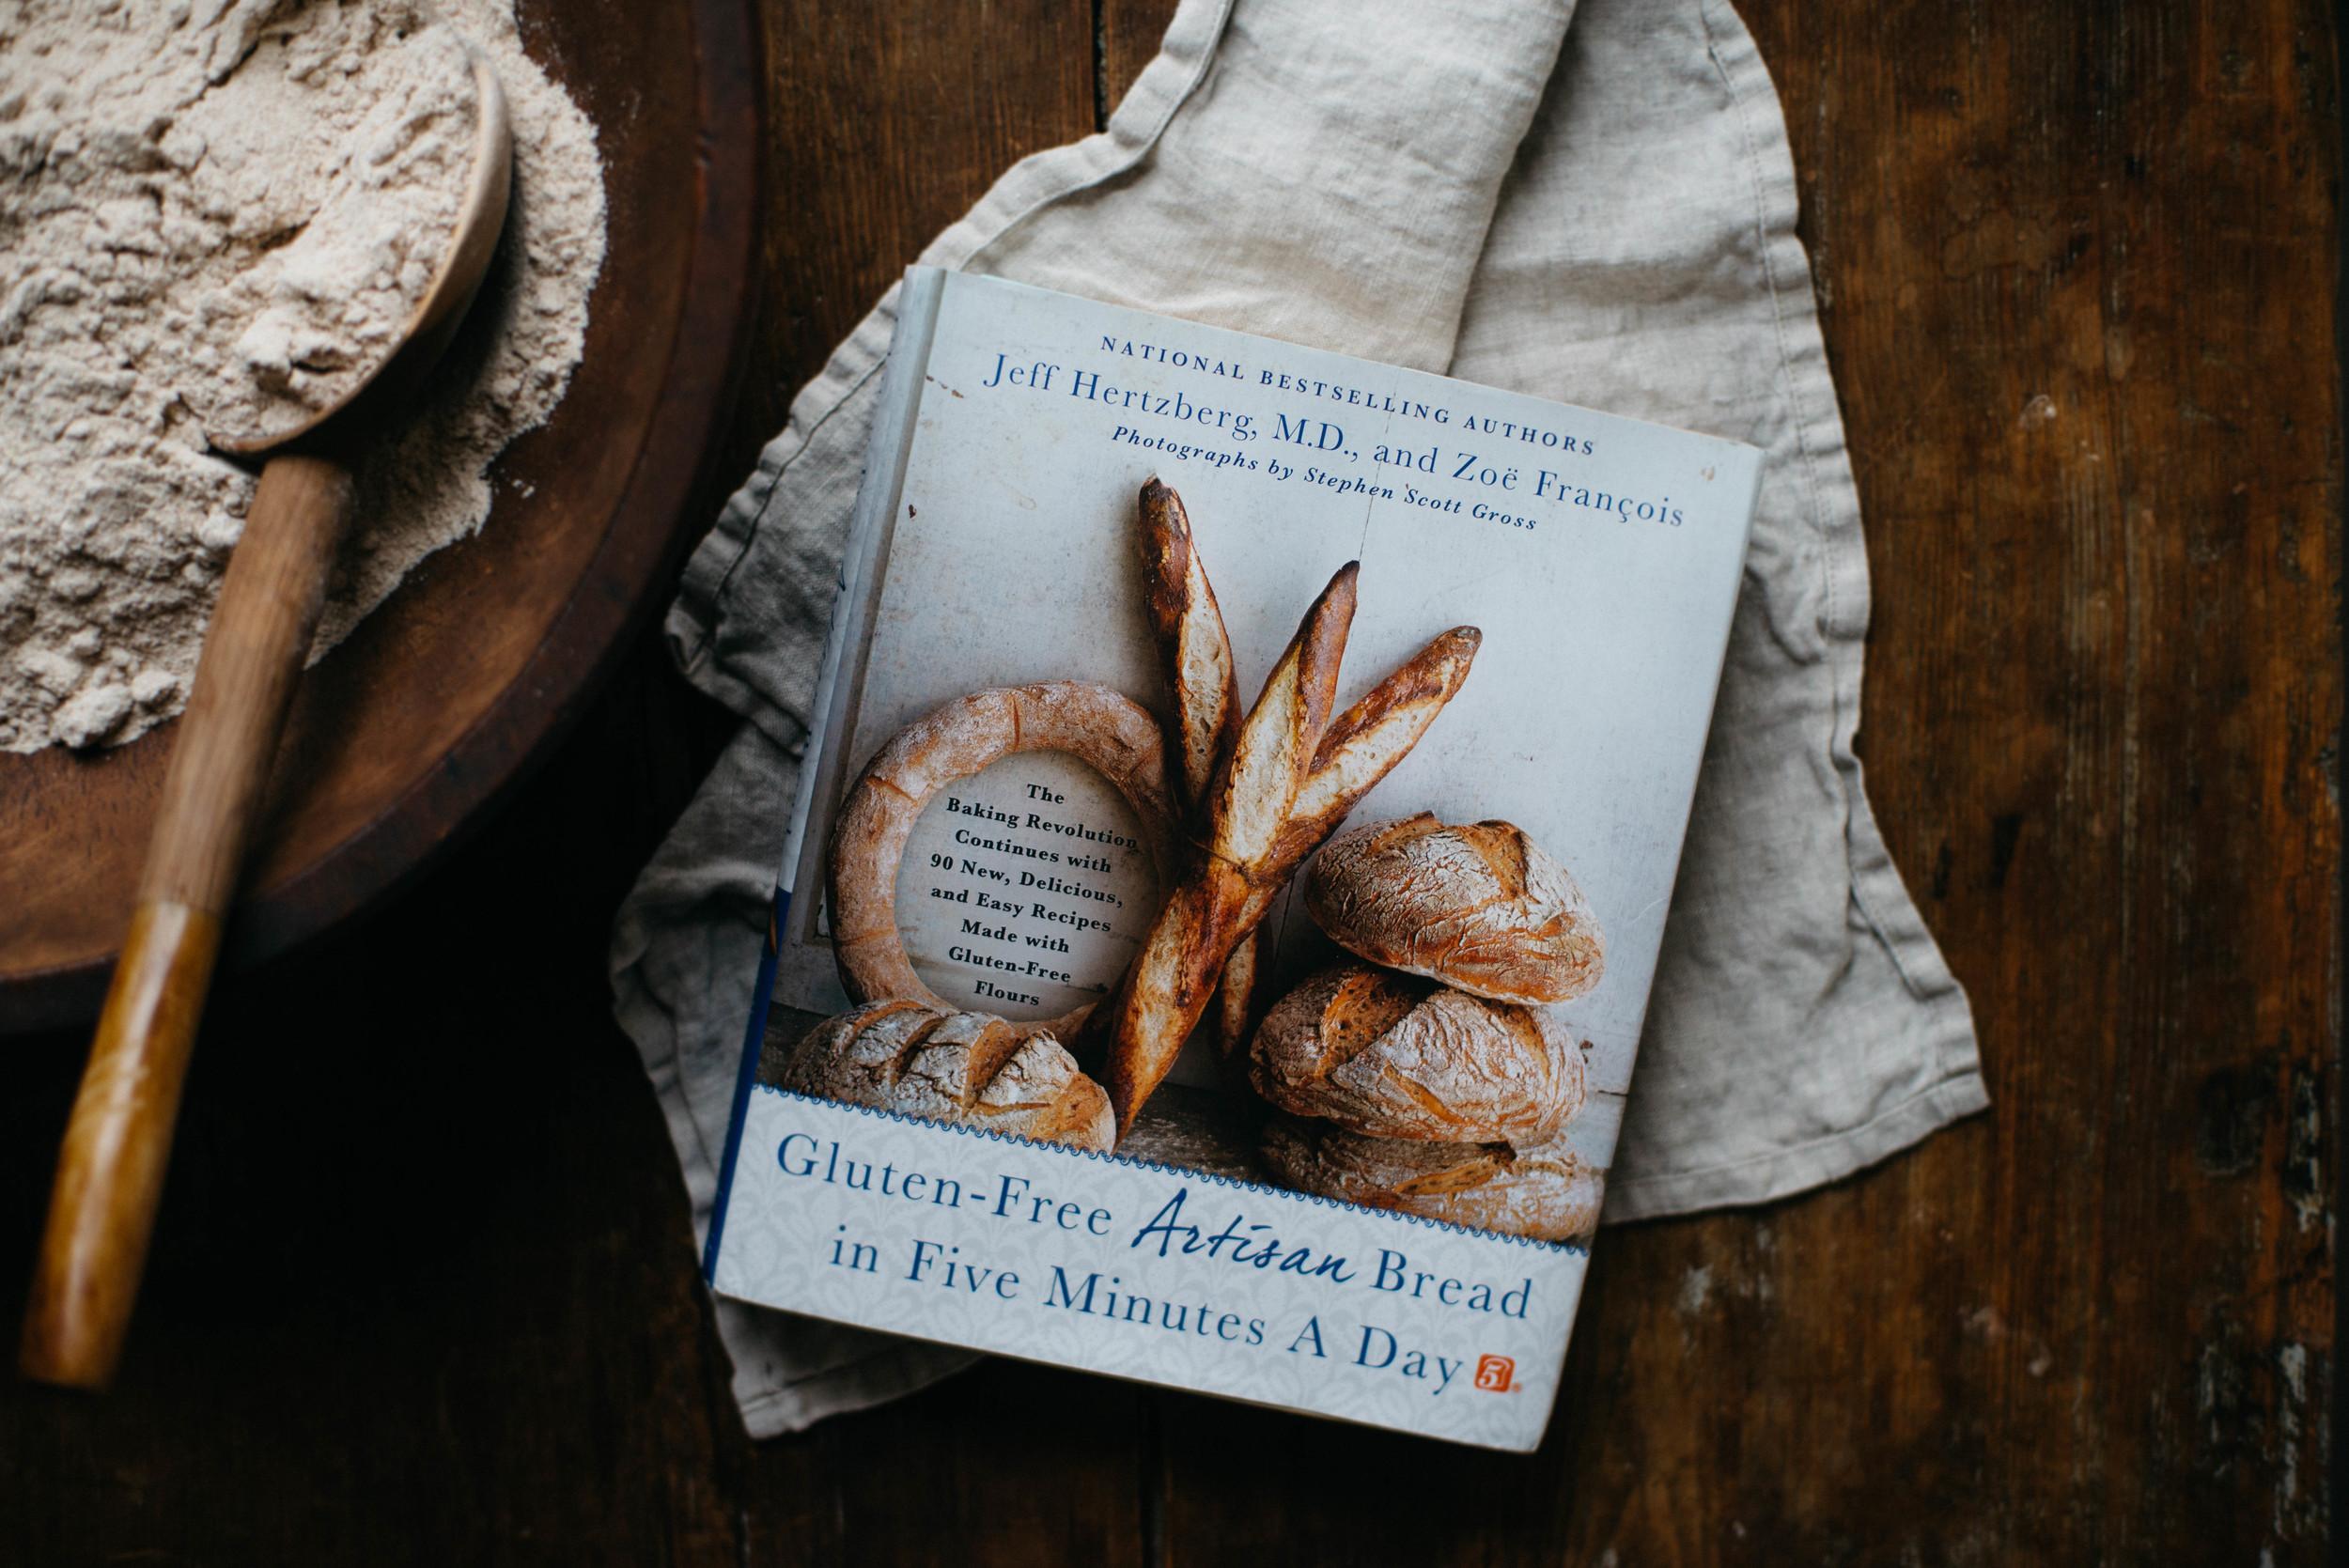 GF artisan bread in 5